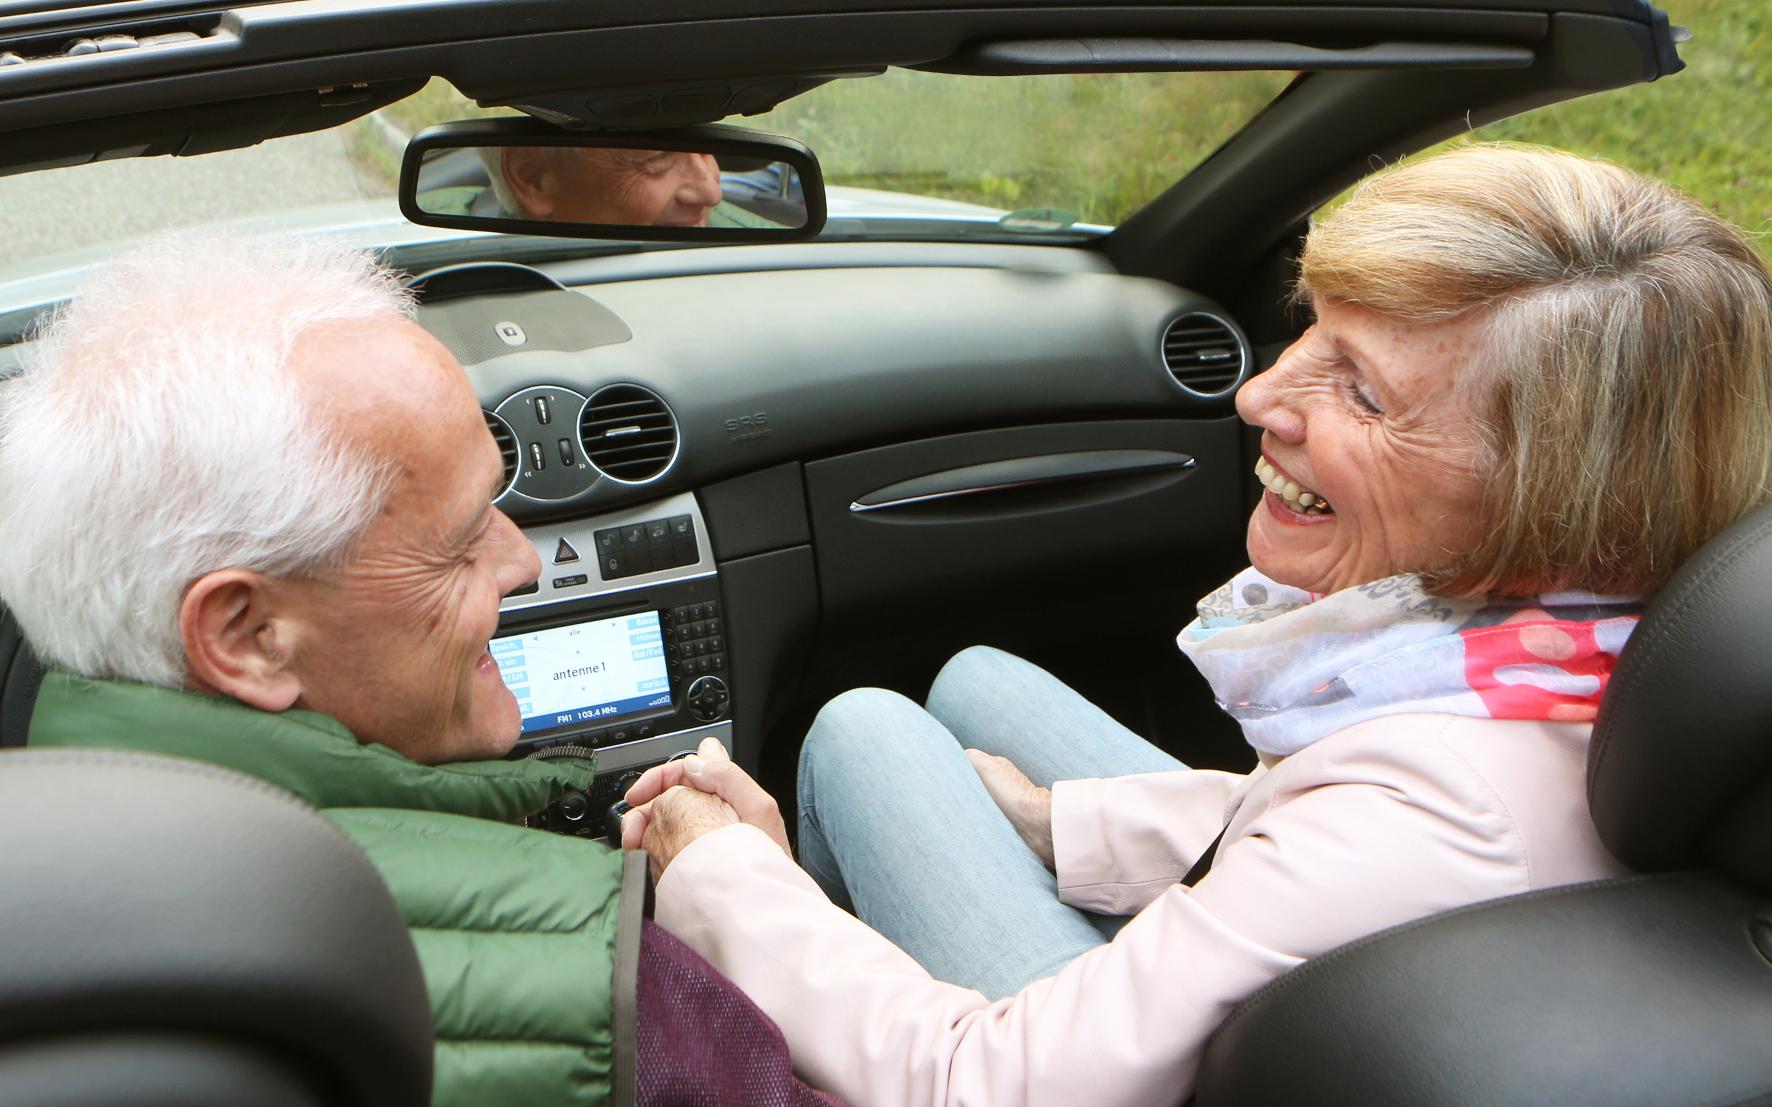 mid Groß-Gerau - Experten fordern spezielle Gesundheitstests für ältere Autofahrer. Birgit Betzelt / DVR